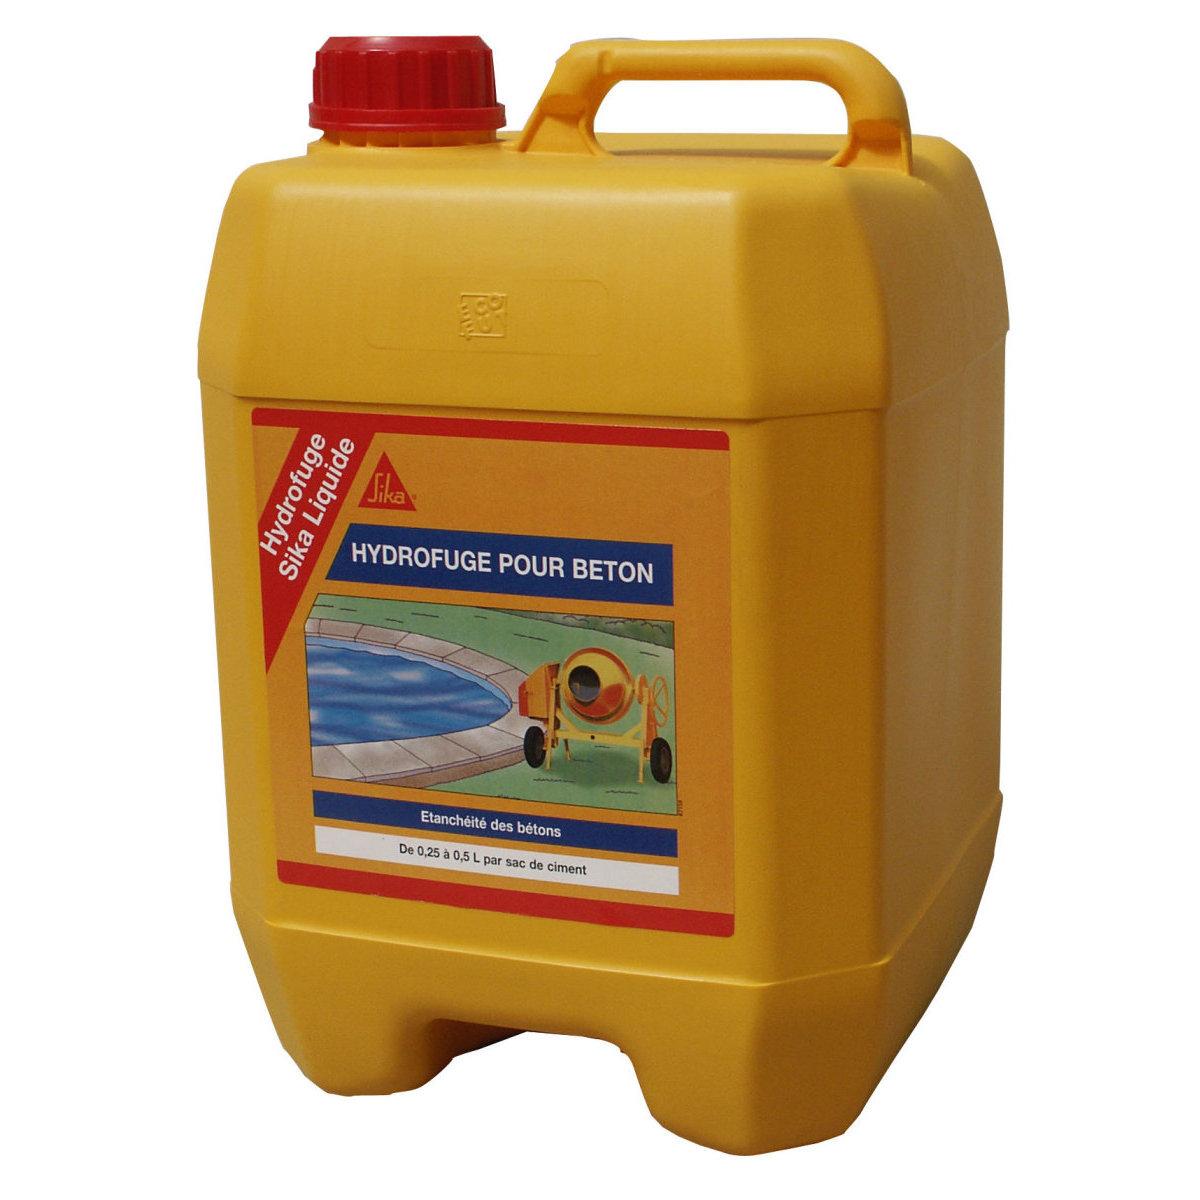 Adjuvants en stock hansez dalem for Hydrofuge mur exterieur